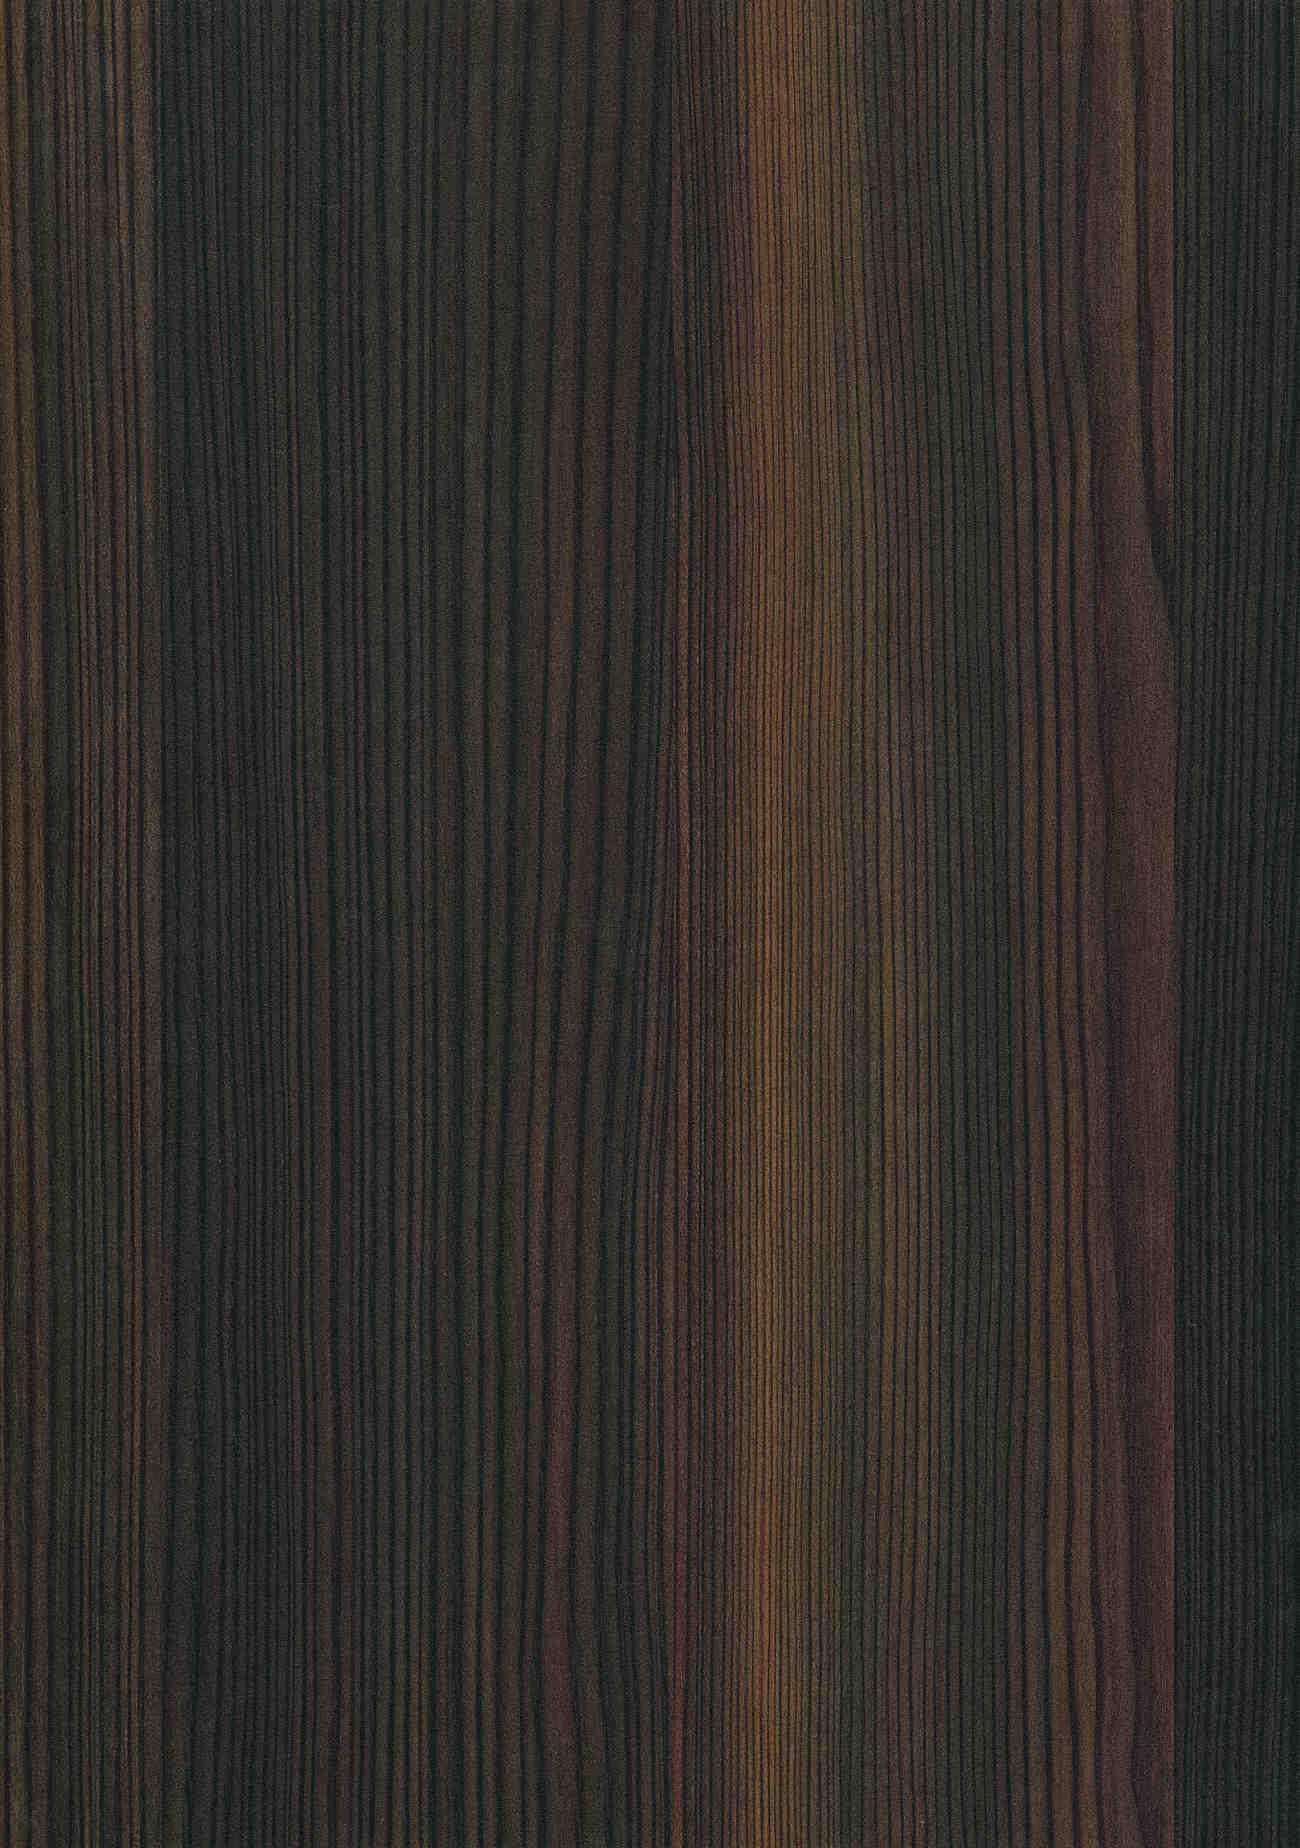 פורמייקה לוח מלמין מעכב בעירה לוח Synchronize דגם H3420st22